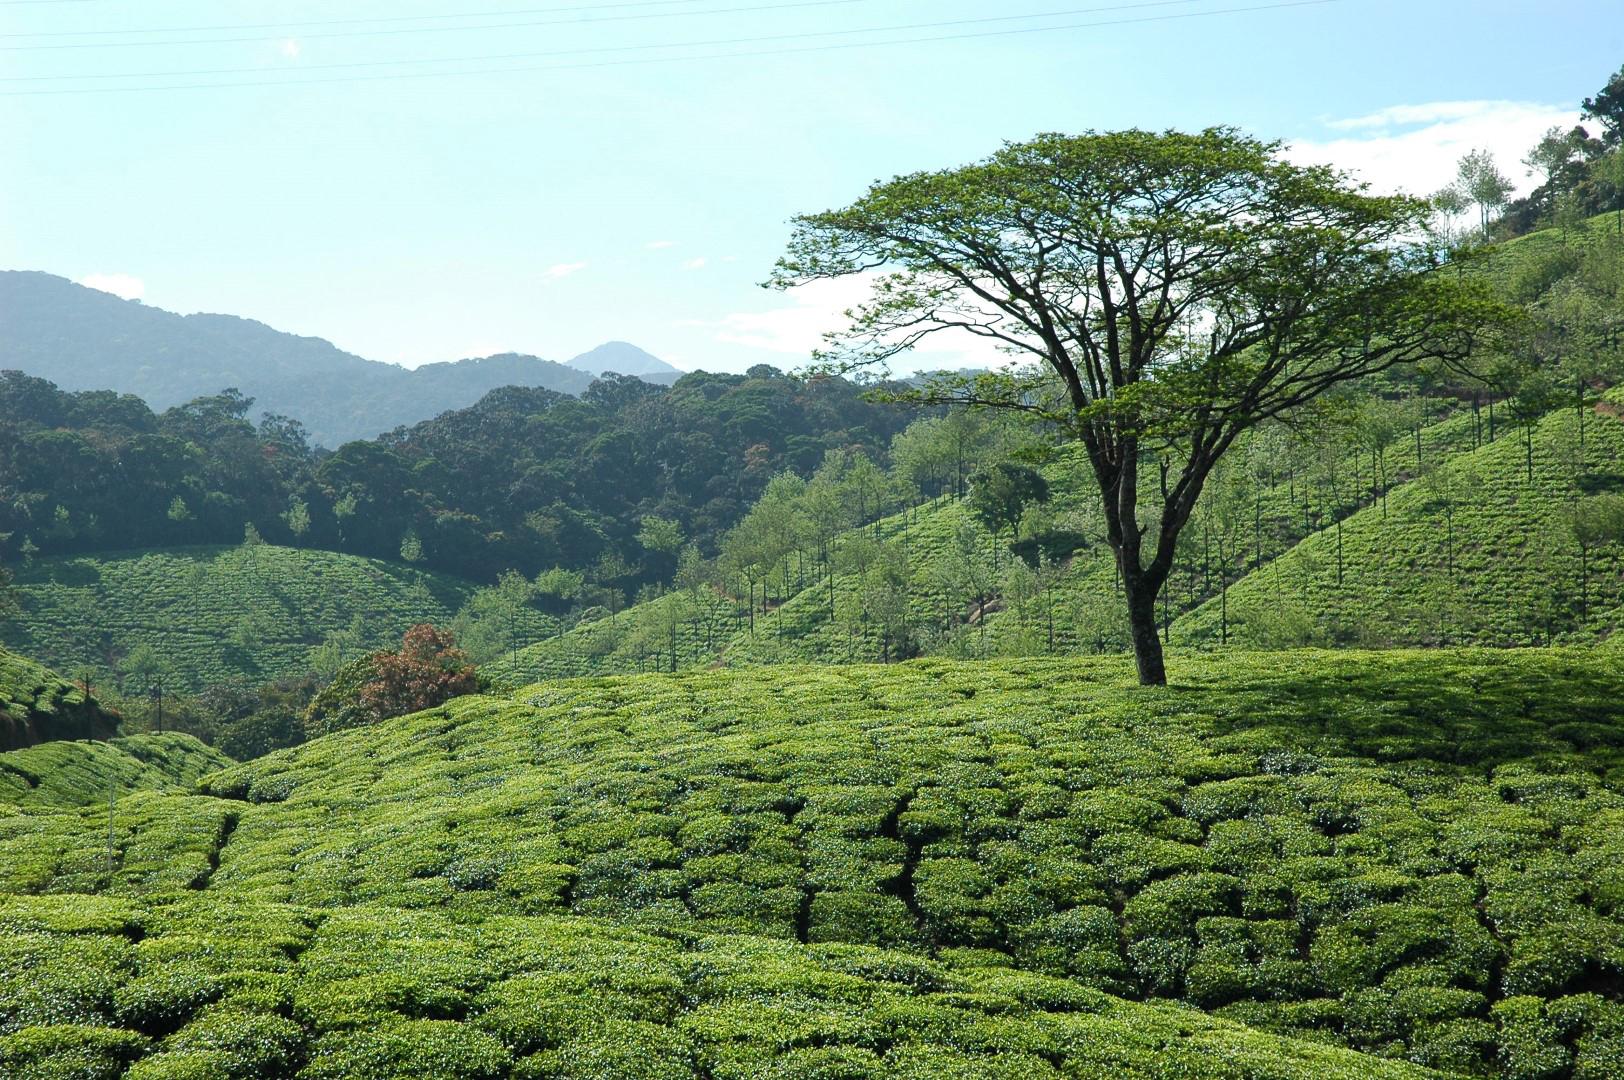 Das bild zeigt eine Teeplantage